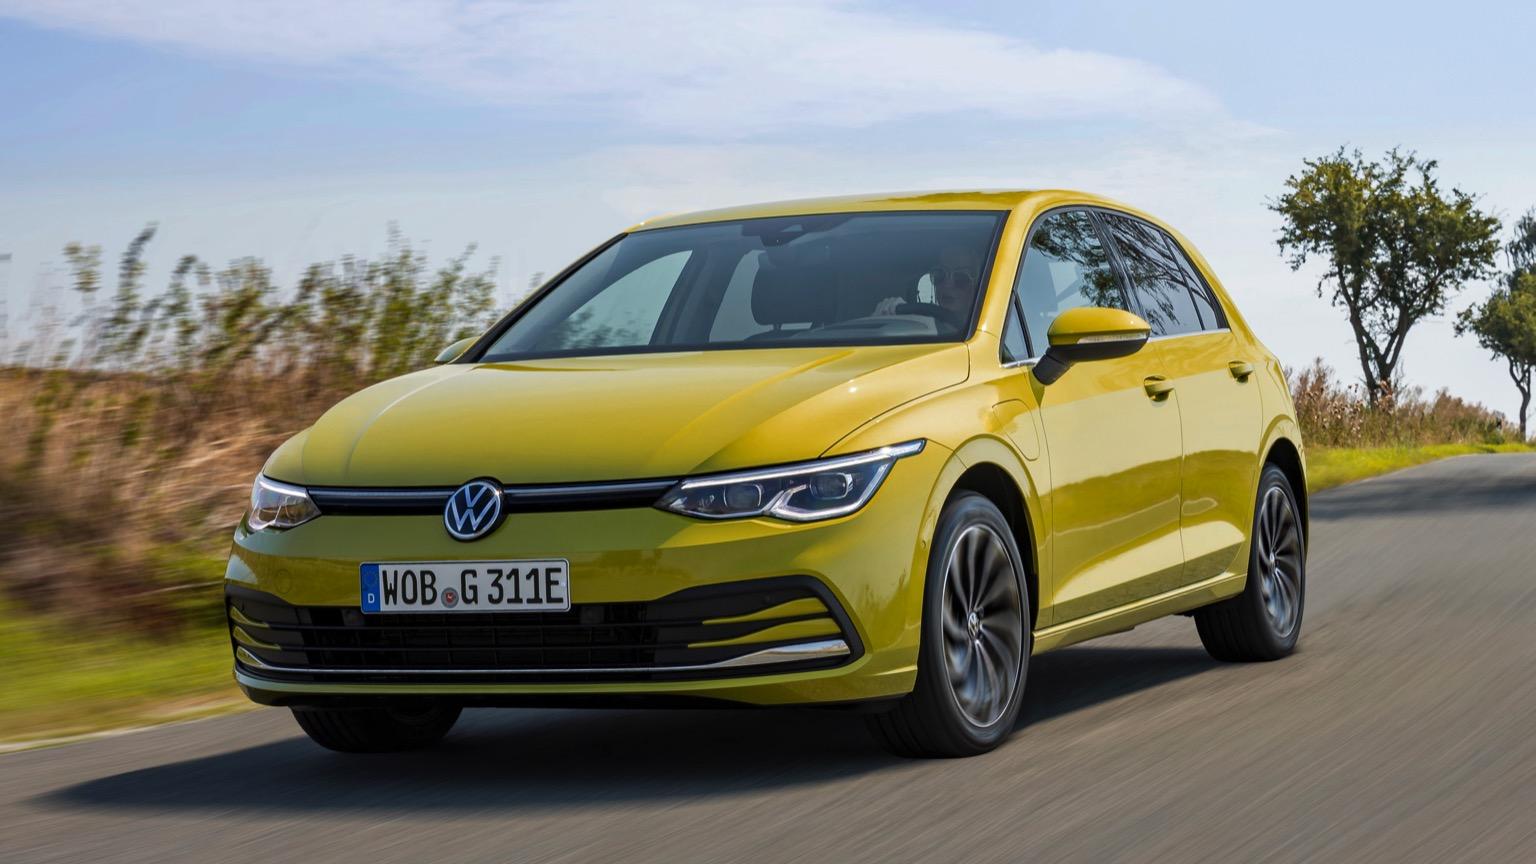 Volkswagen Golf 1.4 TSI eHybrid GTE (2020)